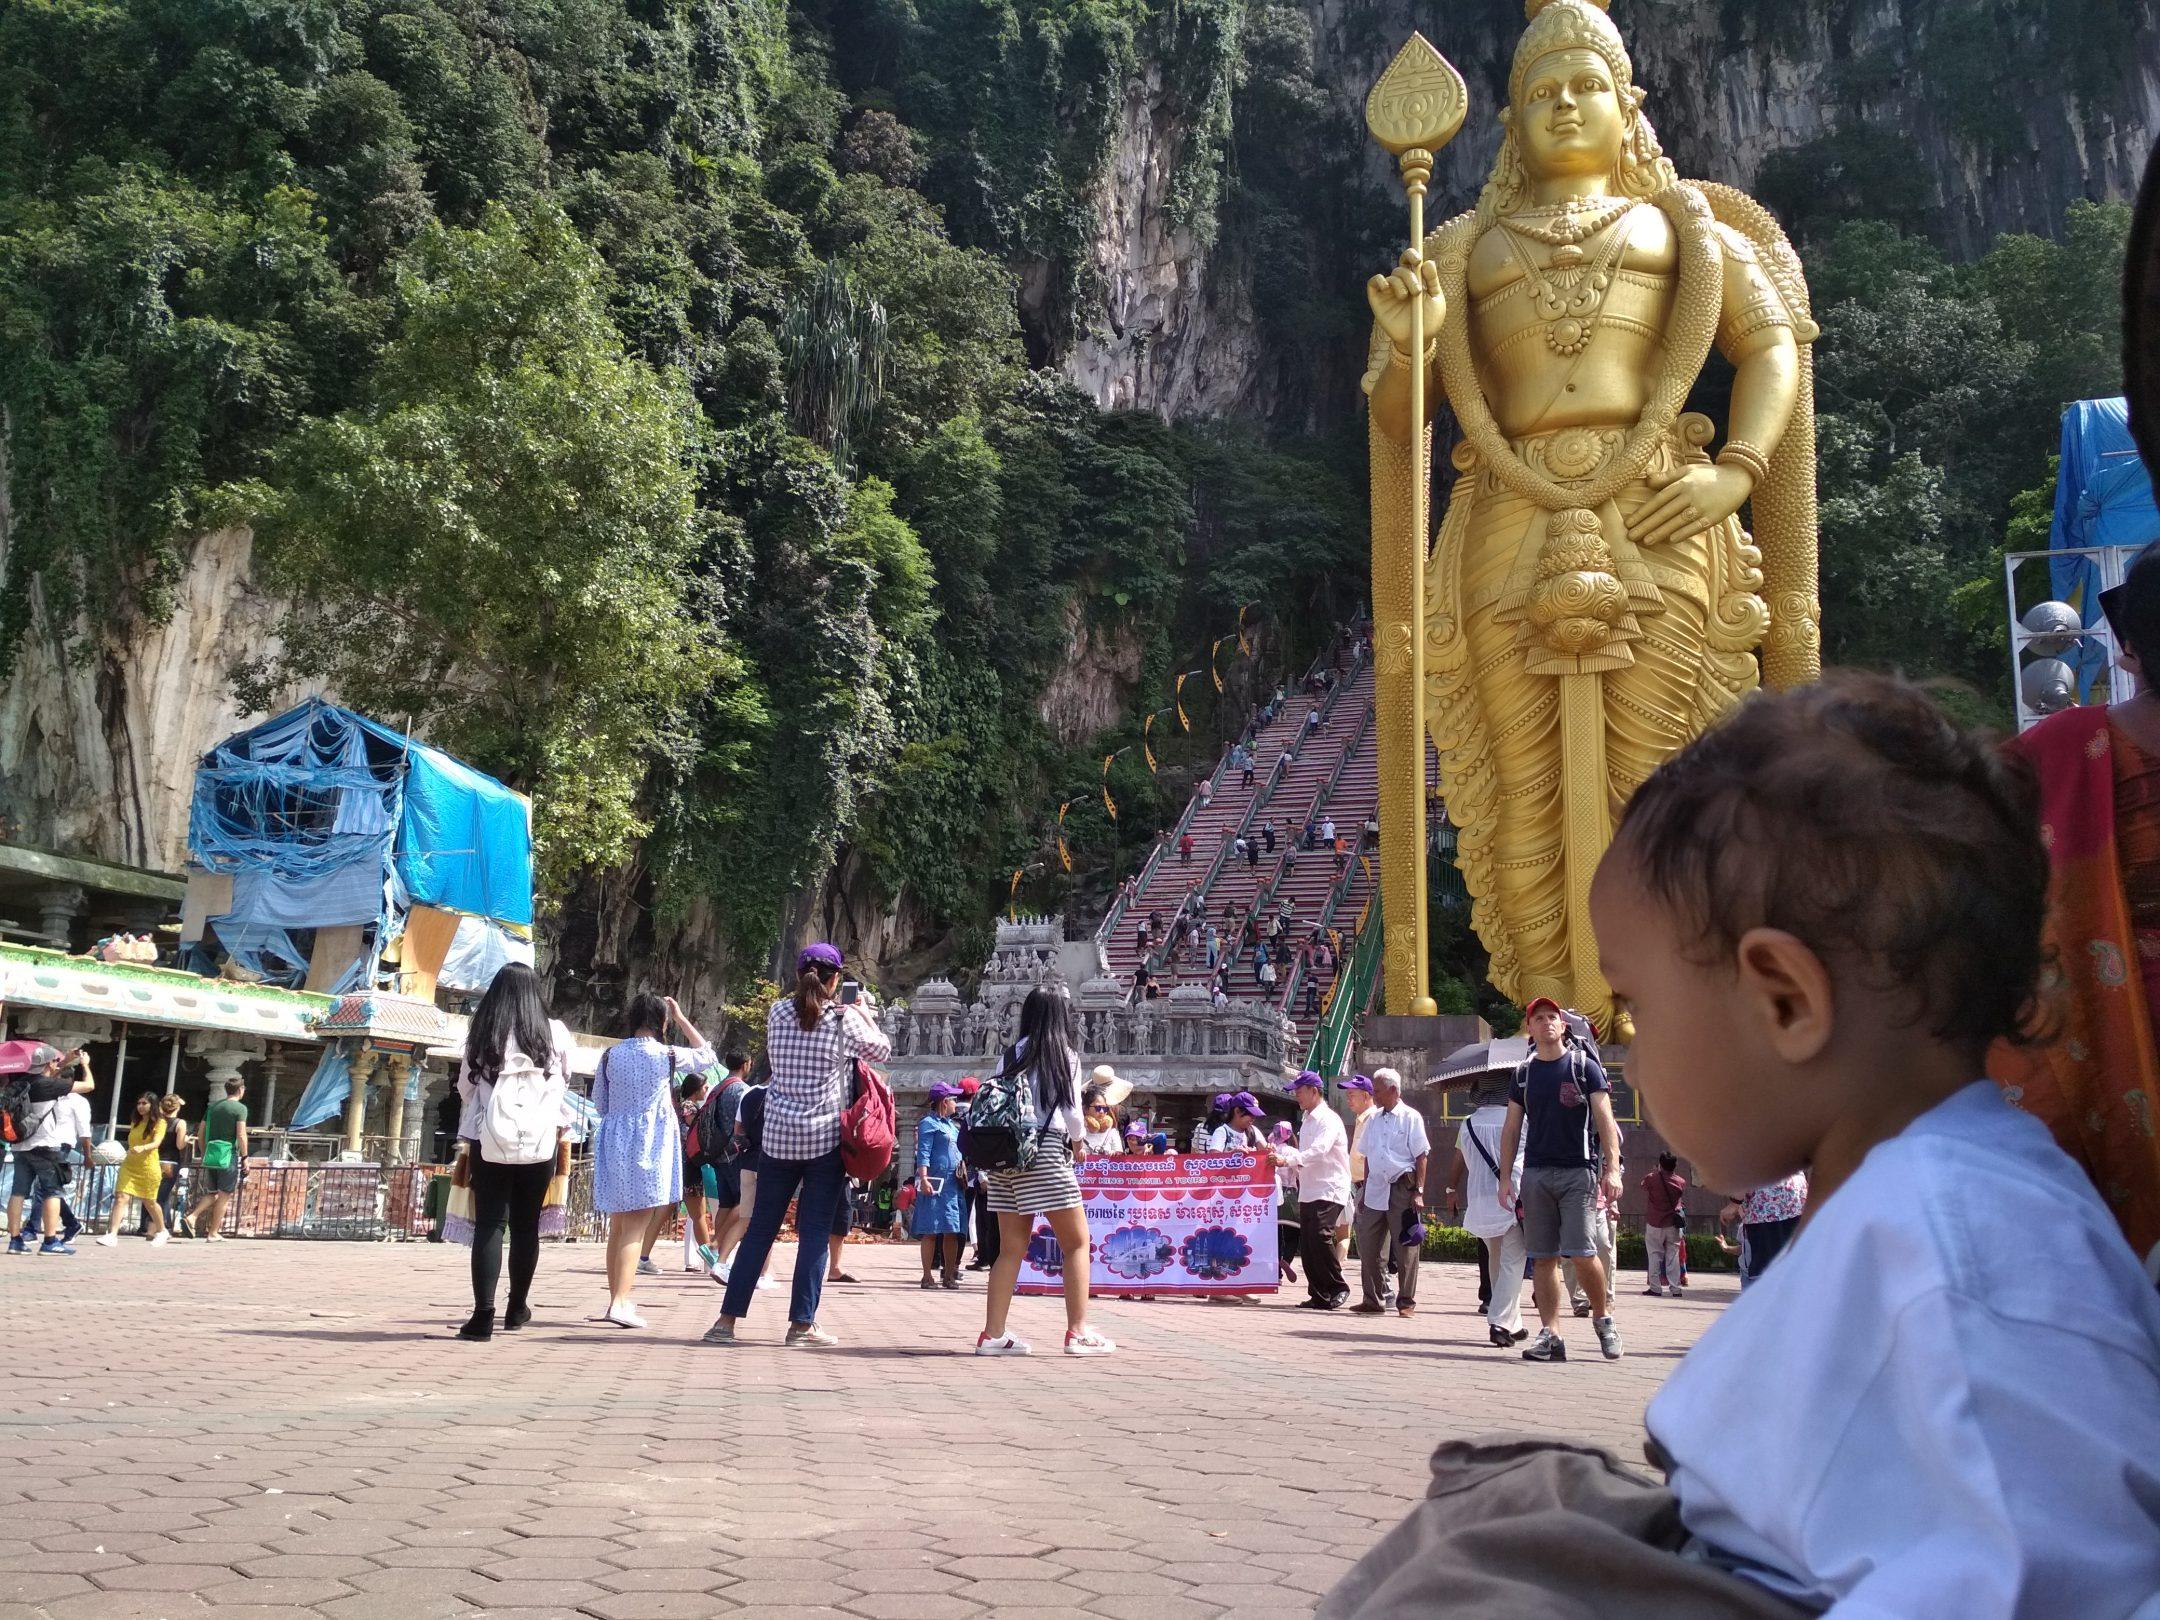 Wisata Terkenal dan Wajib Dikunjungi di Malaysia - Touareg ...